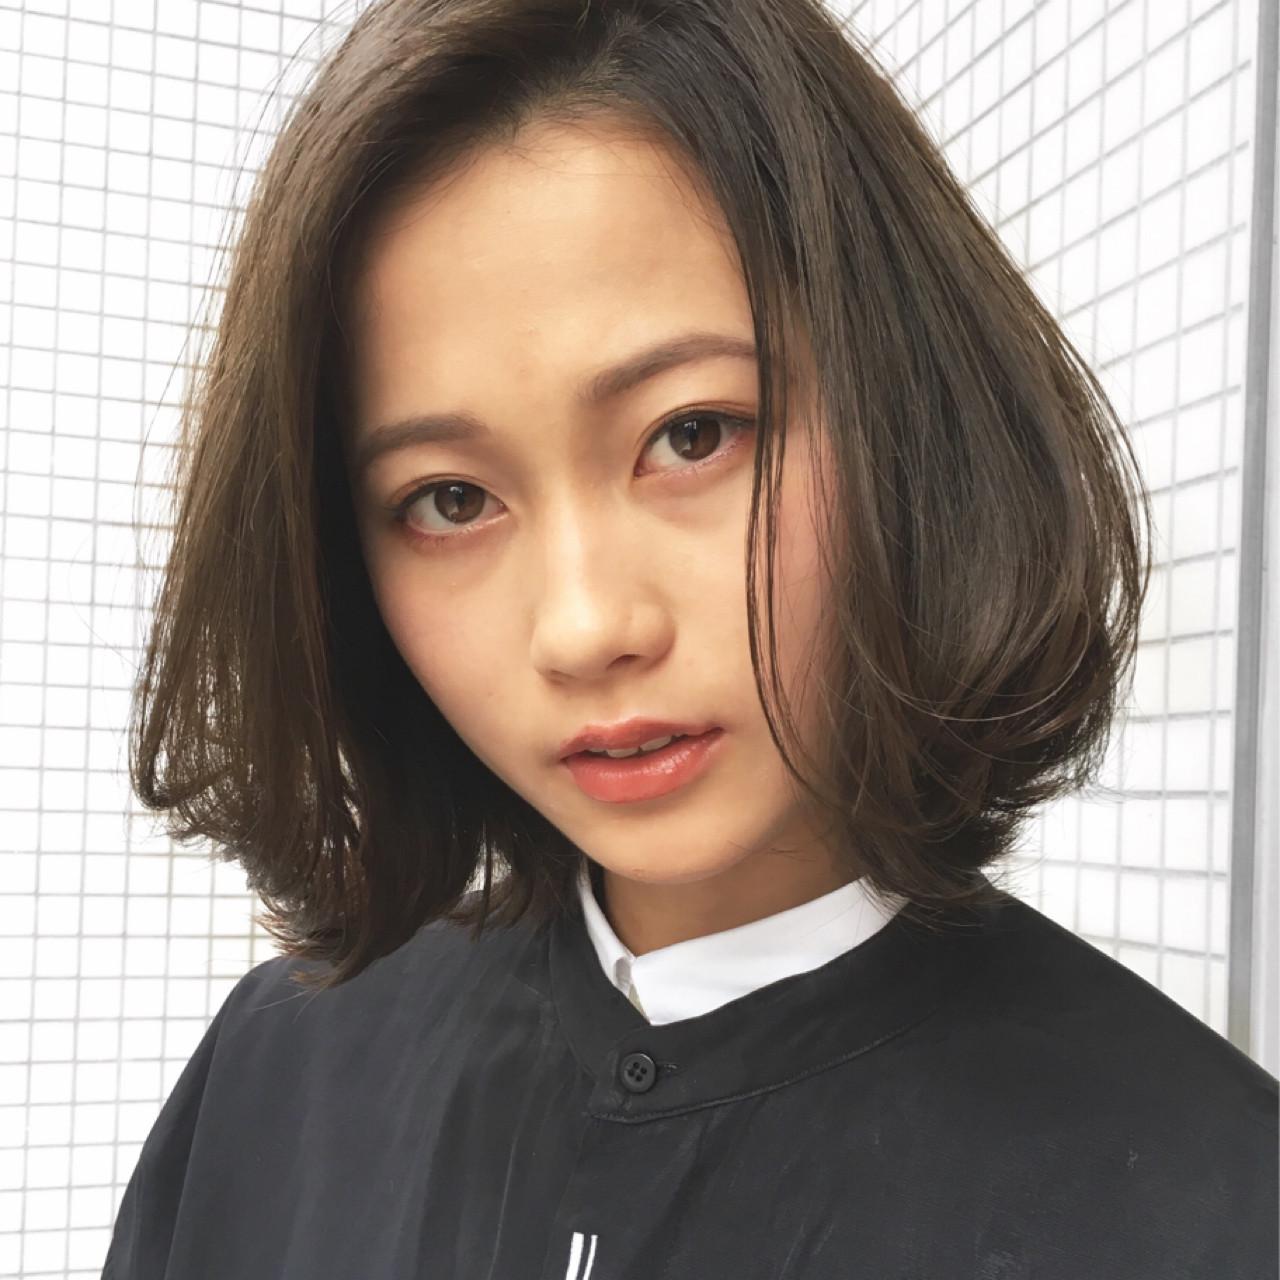 ベース型×ミディアムボブ+前髪なし 越後 裕介 (Yusuke Echigo) | mod's hair 仙台長町(モッズ・ヘア)